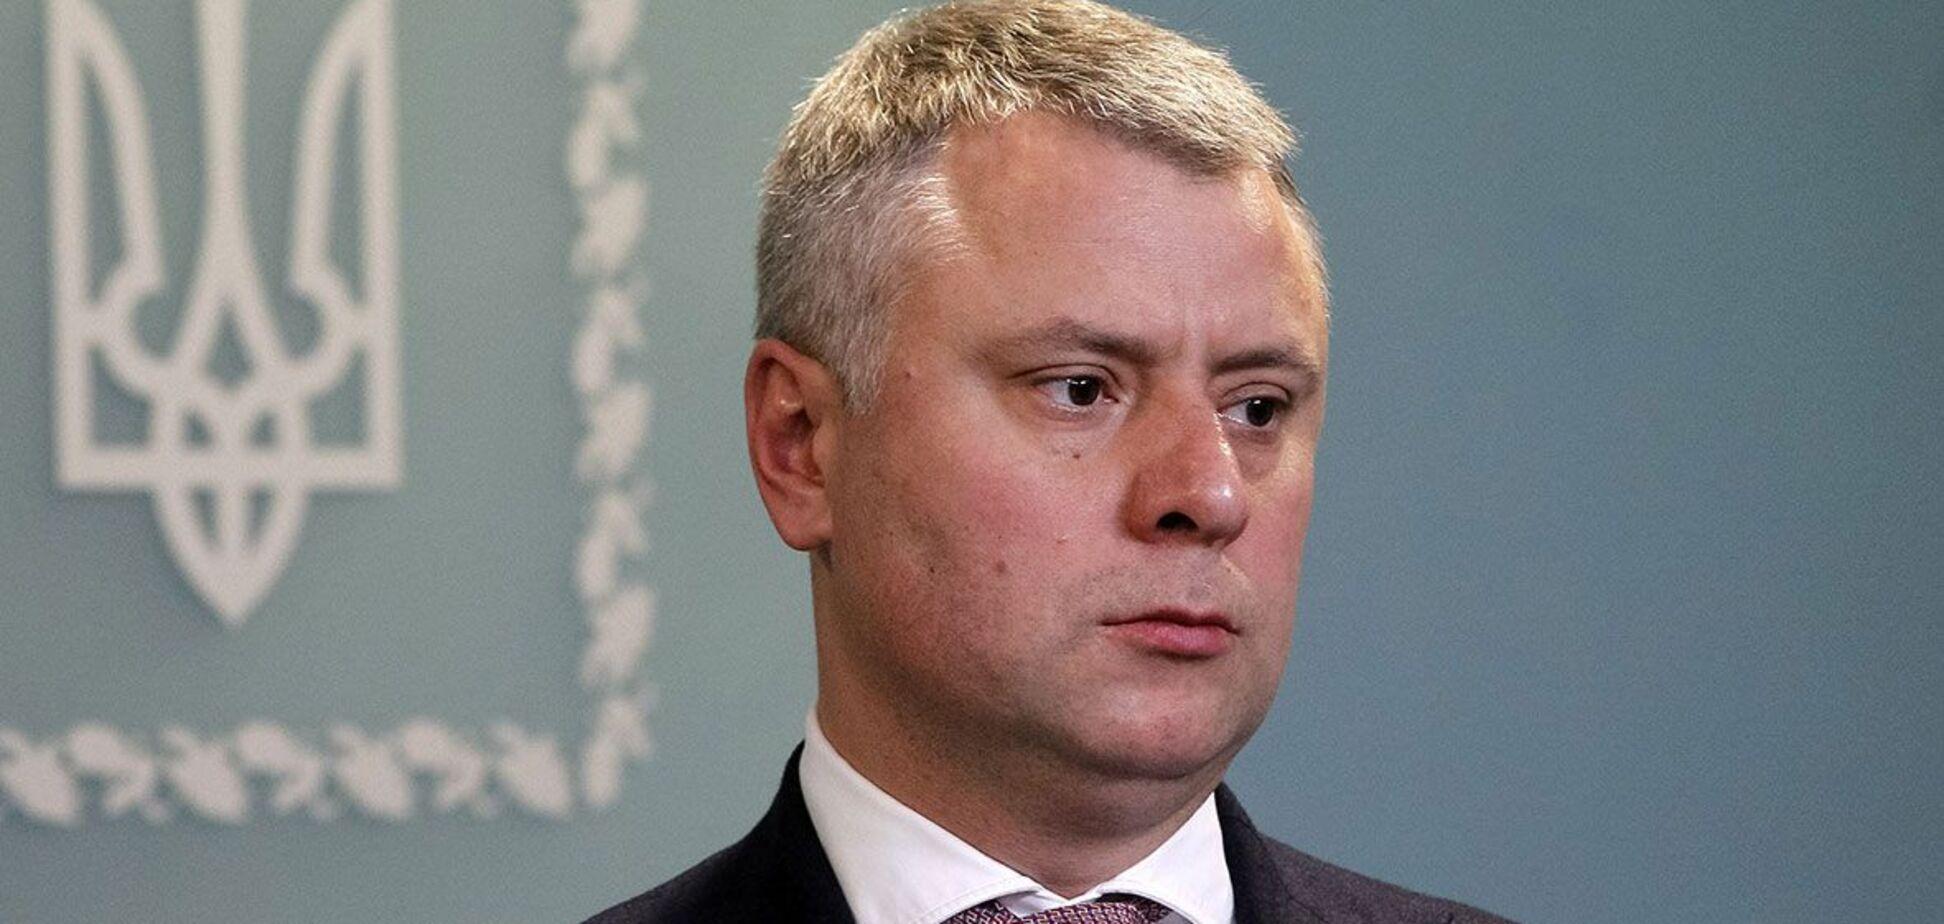 И.о. министра энергетики Витренко подал в отставку – СМИ